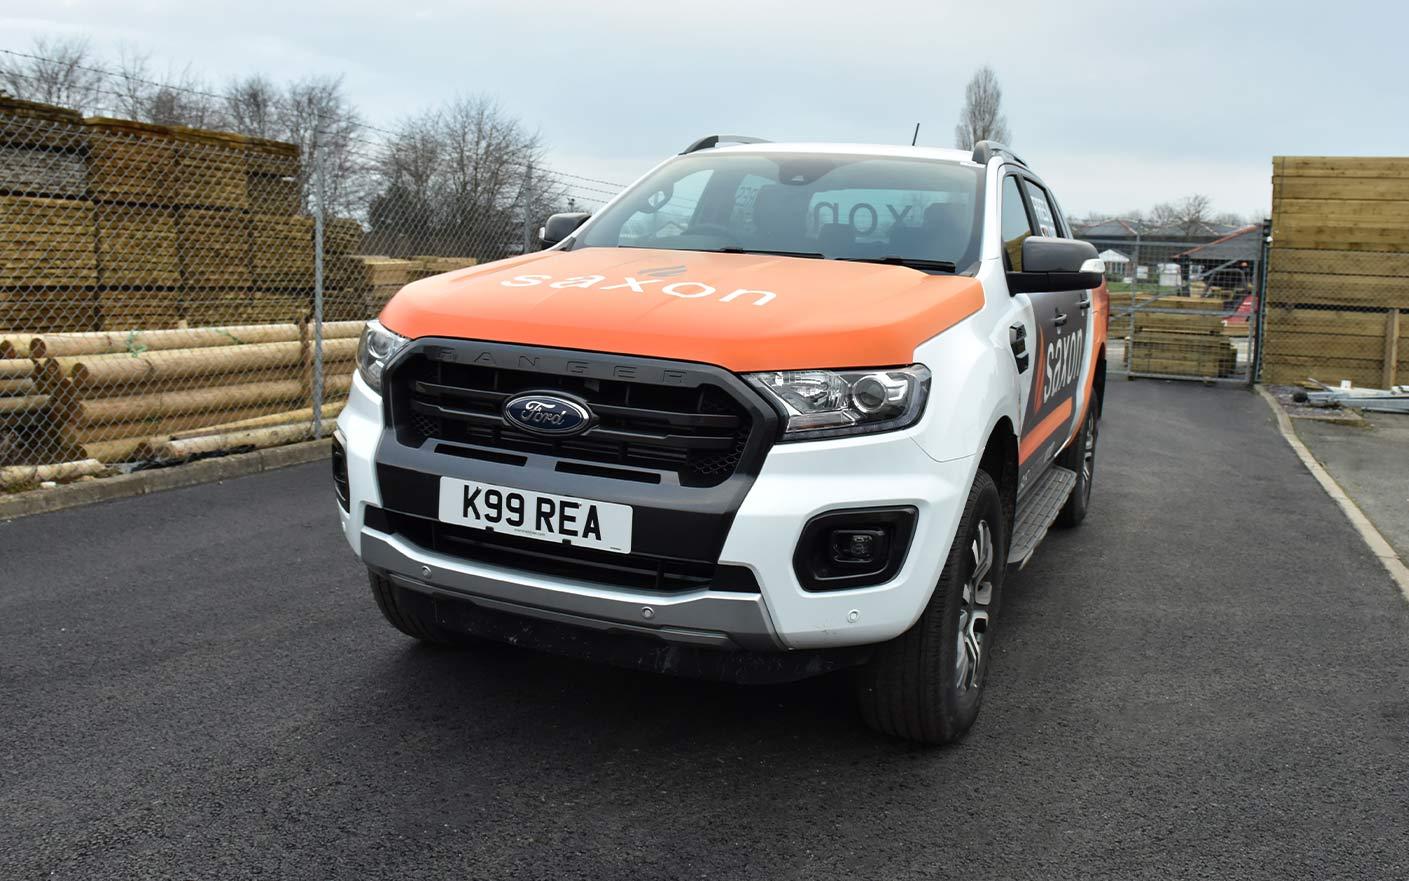 Shropshire Vehicle Livery Orange Wrap